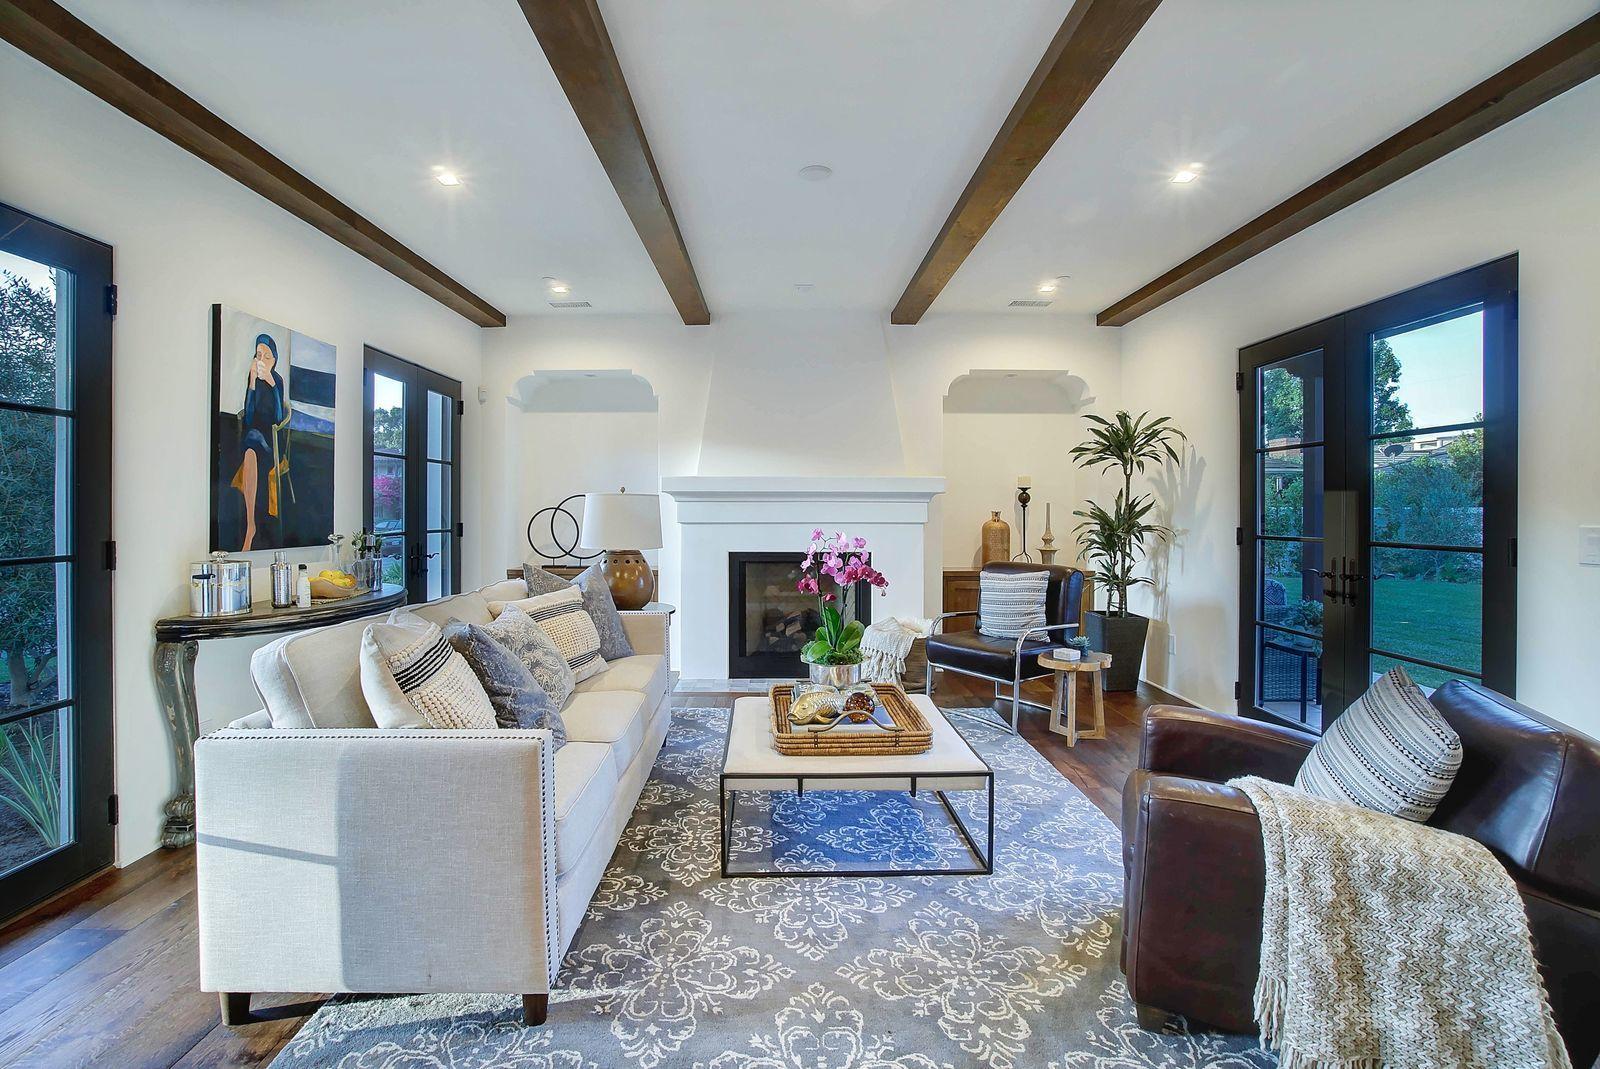 Premier-General-Contractors-spanish-living-room-french-doors.jpg